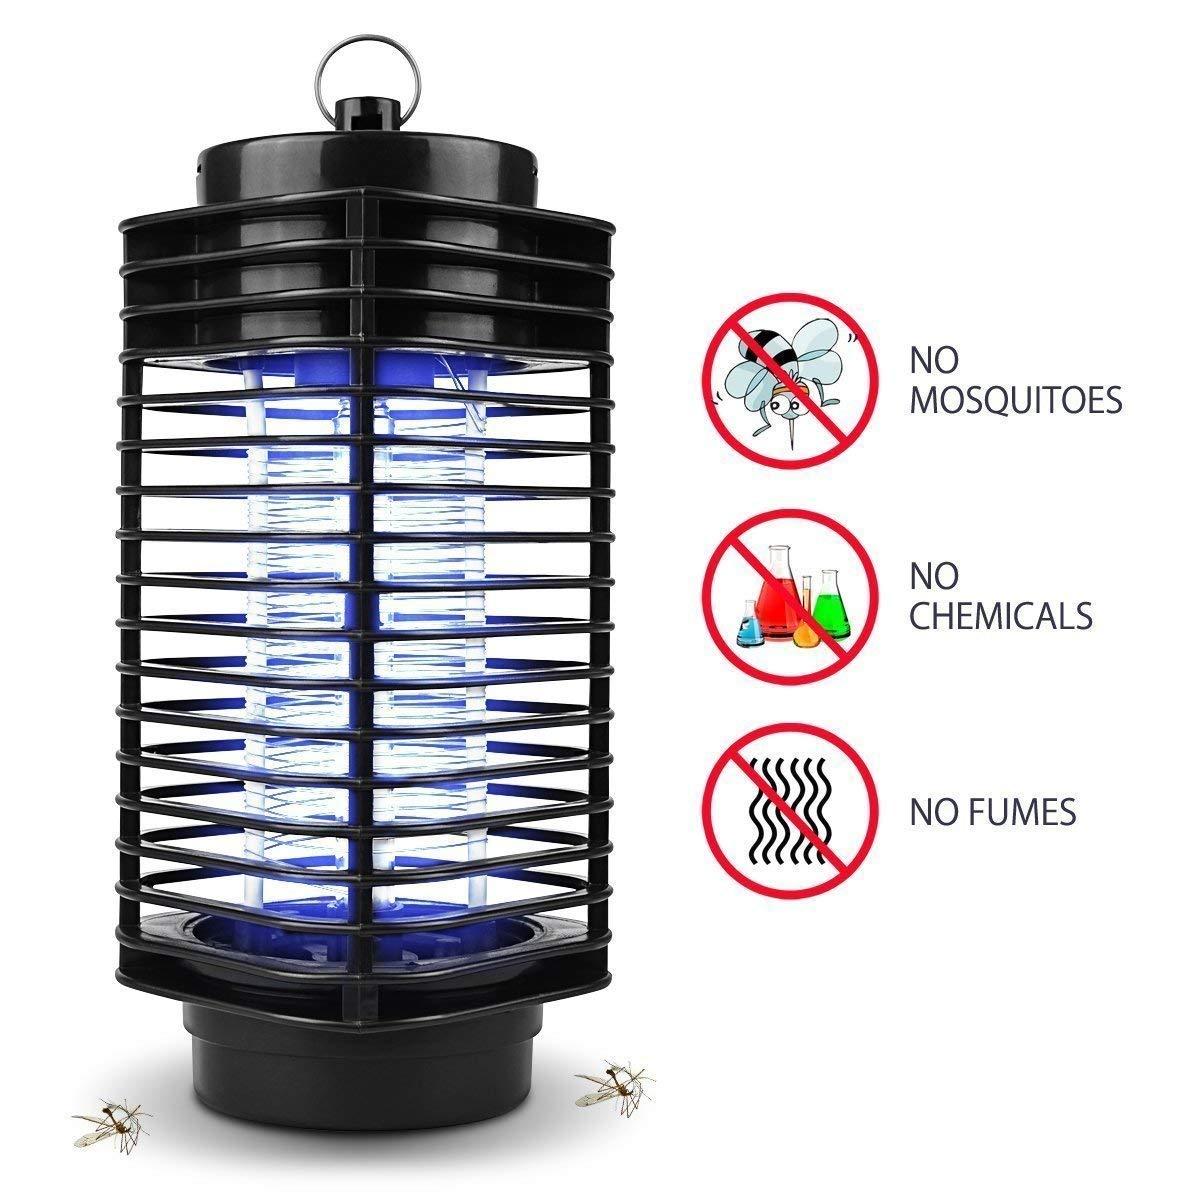 Meilleure Lampe Anti Moustique Efficace Notre Avis Et Comparatif